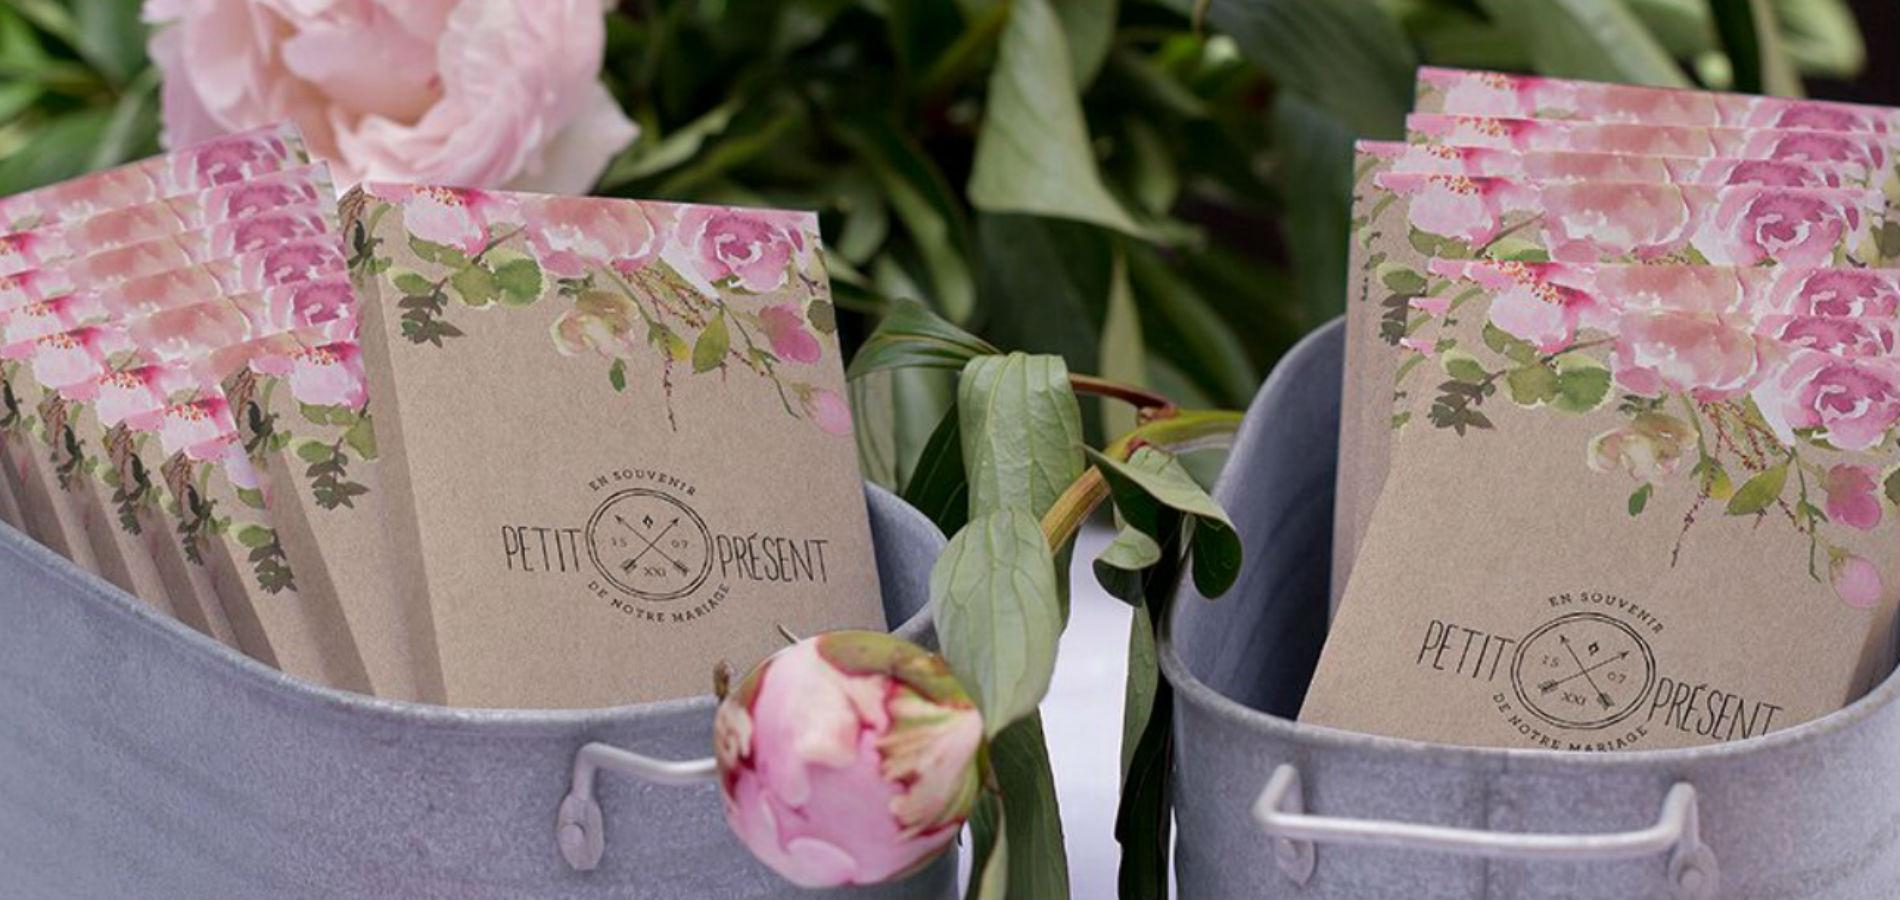 Le fabricant de faire-part Cotton Bird propose une large gamme de carnets  personnalisables à offrir aux invités. Difficile de ne pas trouver son  bonheur. 17c1a10cb33